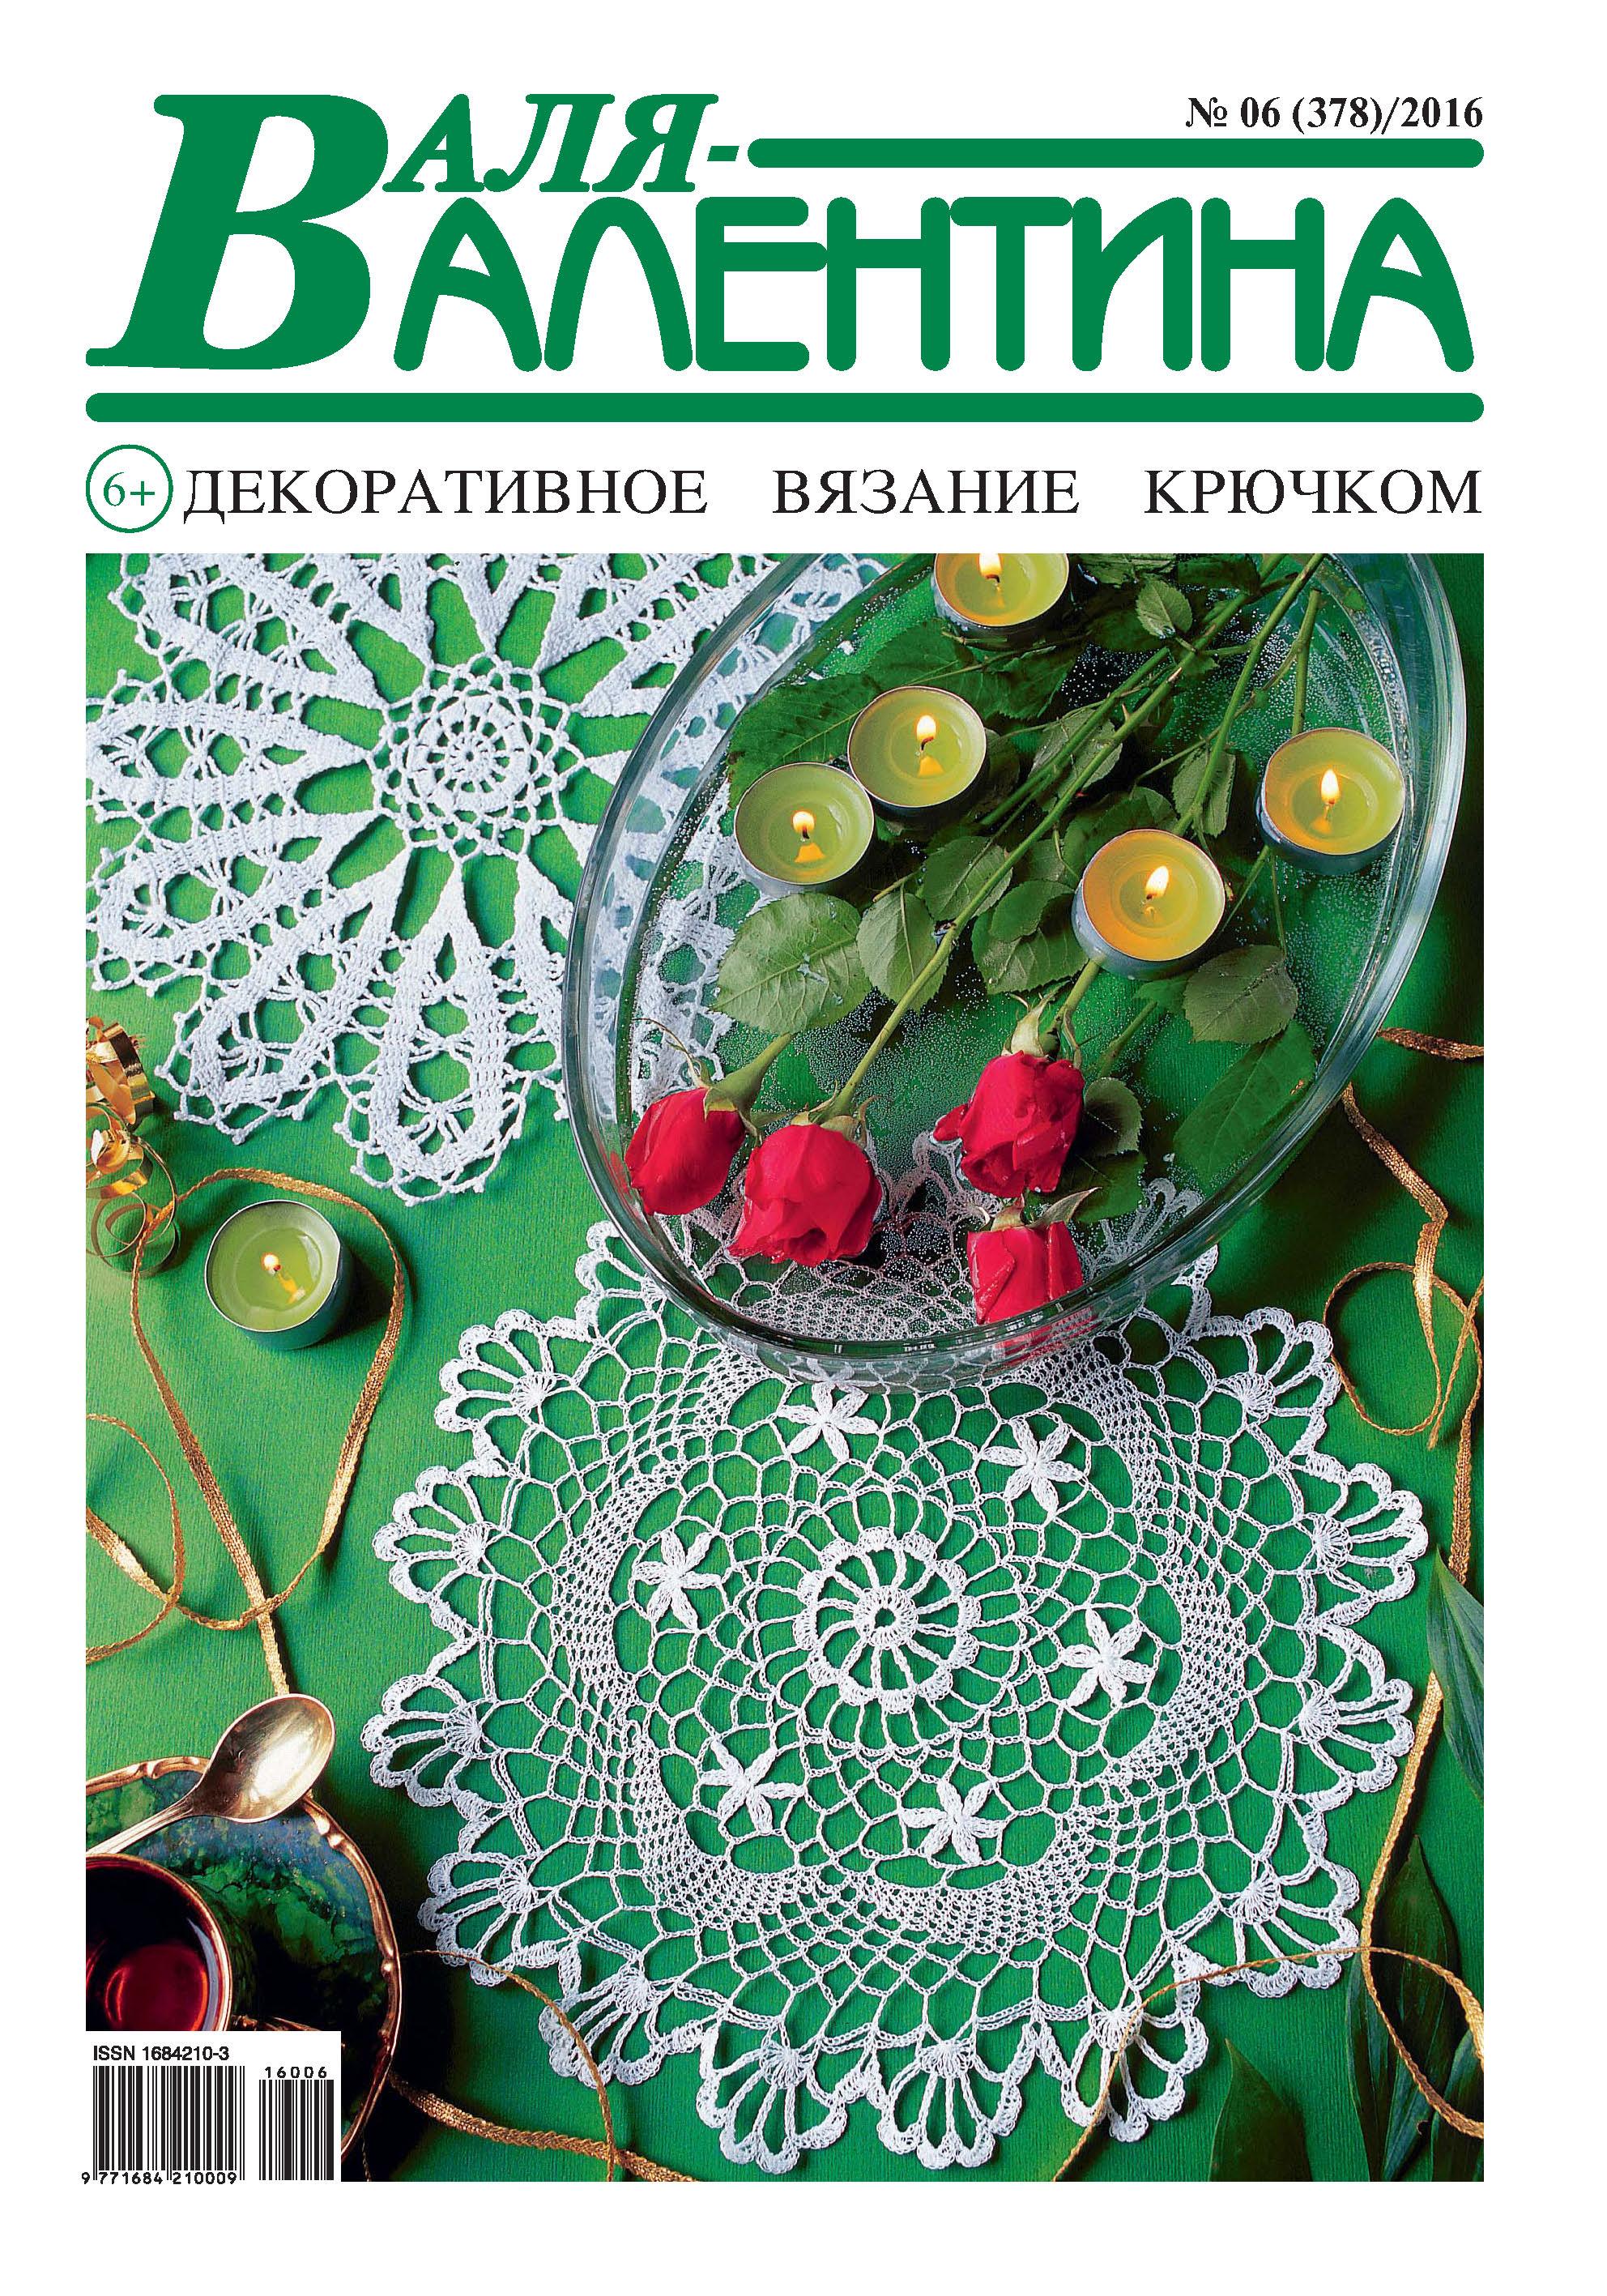 Валя-Валентина. Декоративное вязание крючком. №06/2016